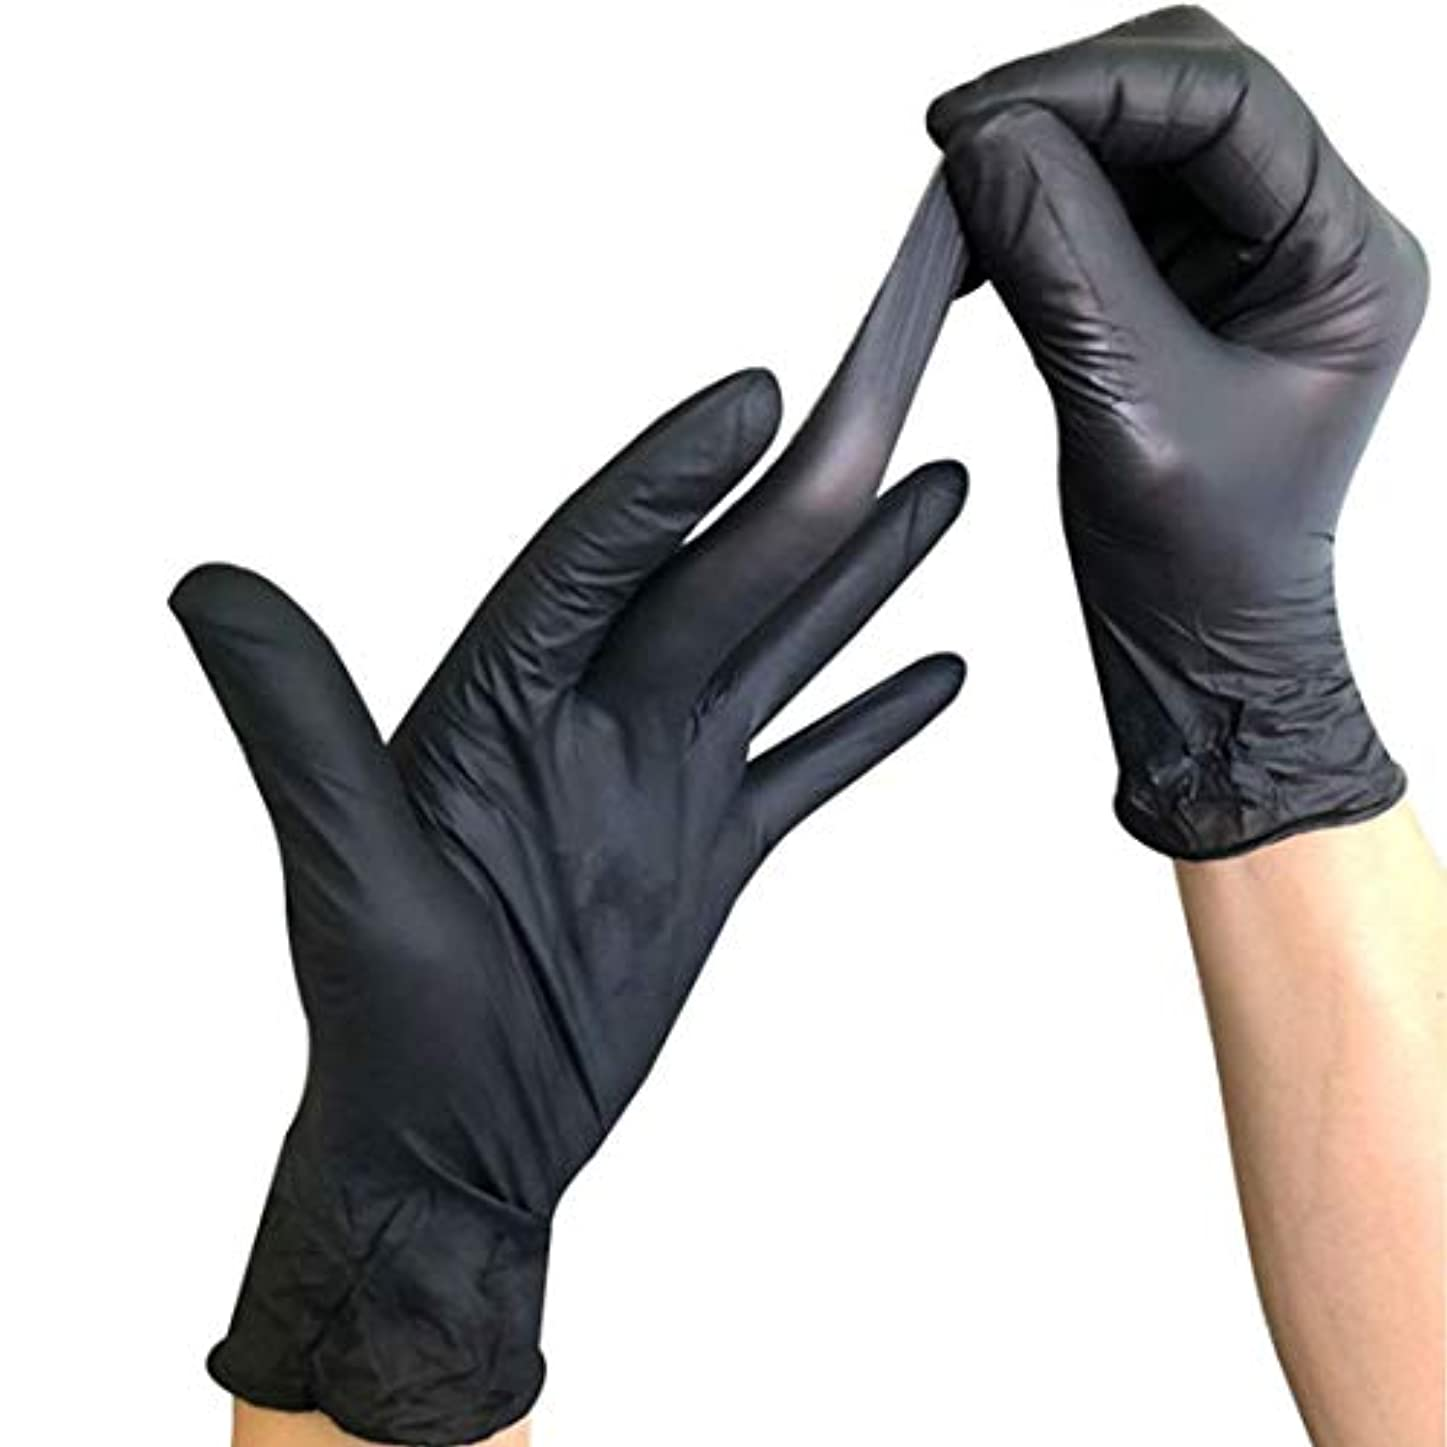 ウィスキー合併争い使い捨て手袋 ニトリル手袋 厚手防水 耐油 耐久性が強い上に軽く高品質黒 100枚